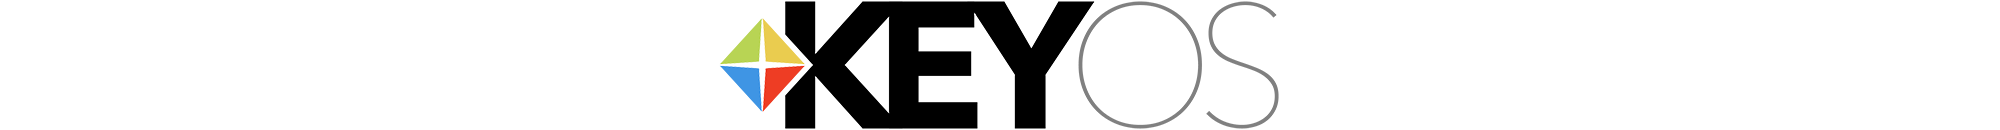 slideshow-keyos-logo